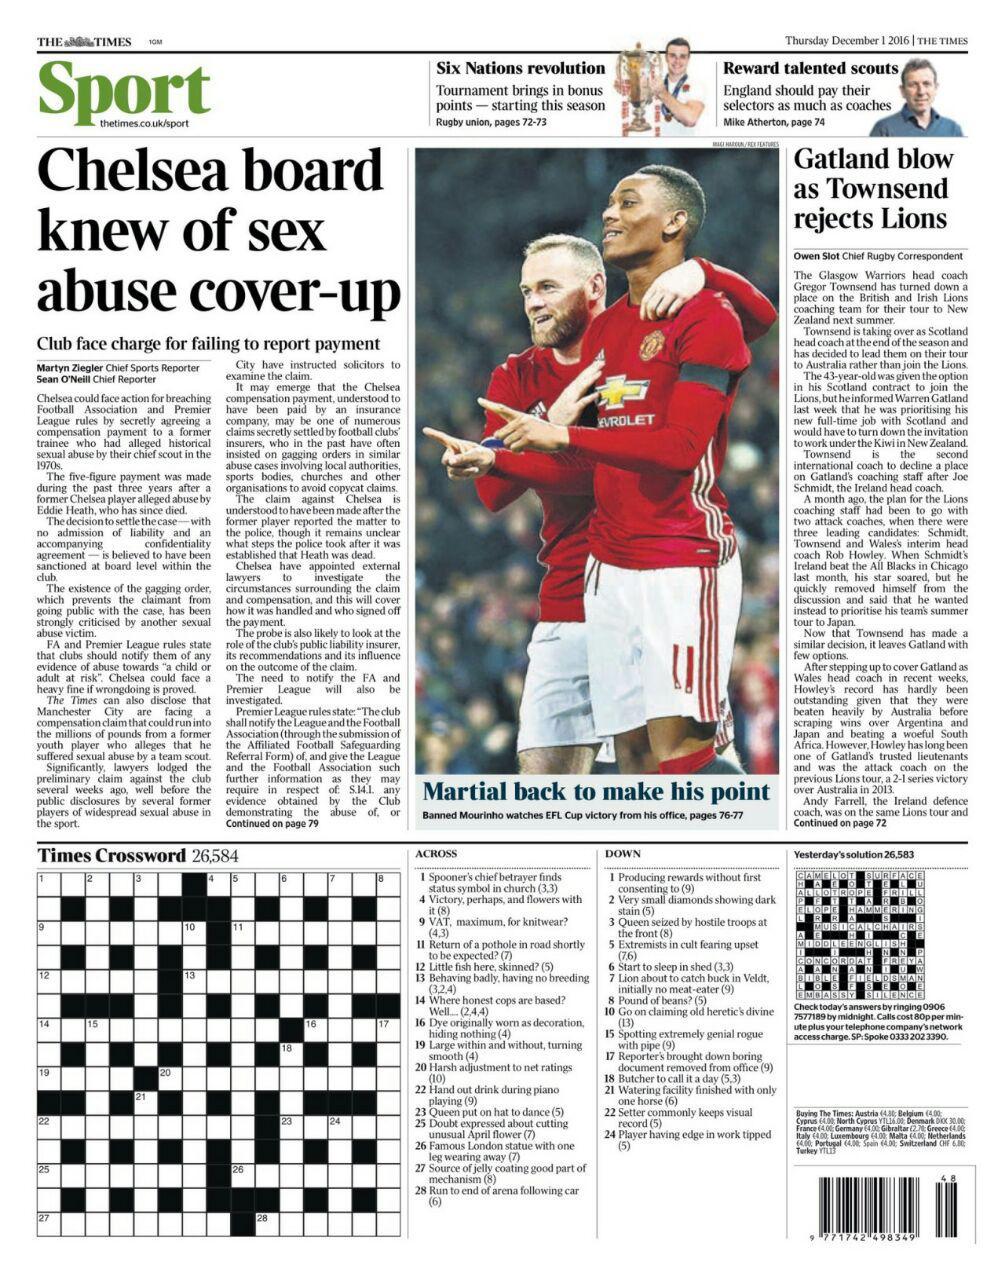 تصمیم اشتباه ونگر آرسنال را از اتحادیه فوتبال انگلیس حذف کرد / جنگ انگلیس و ولز برای پدیده 17 ساله لیورپول